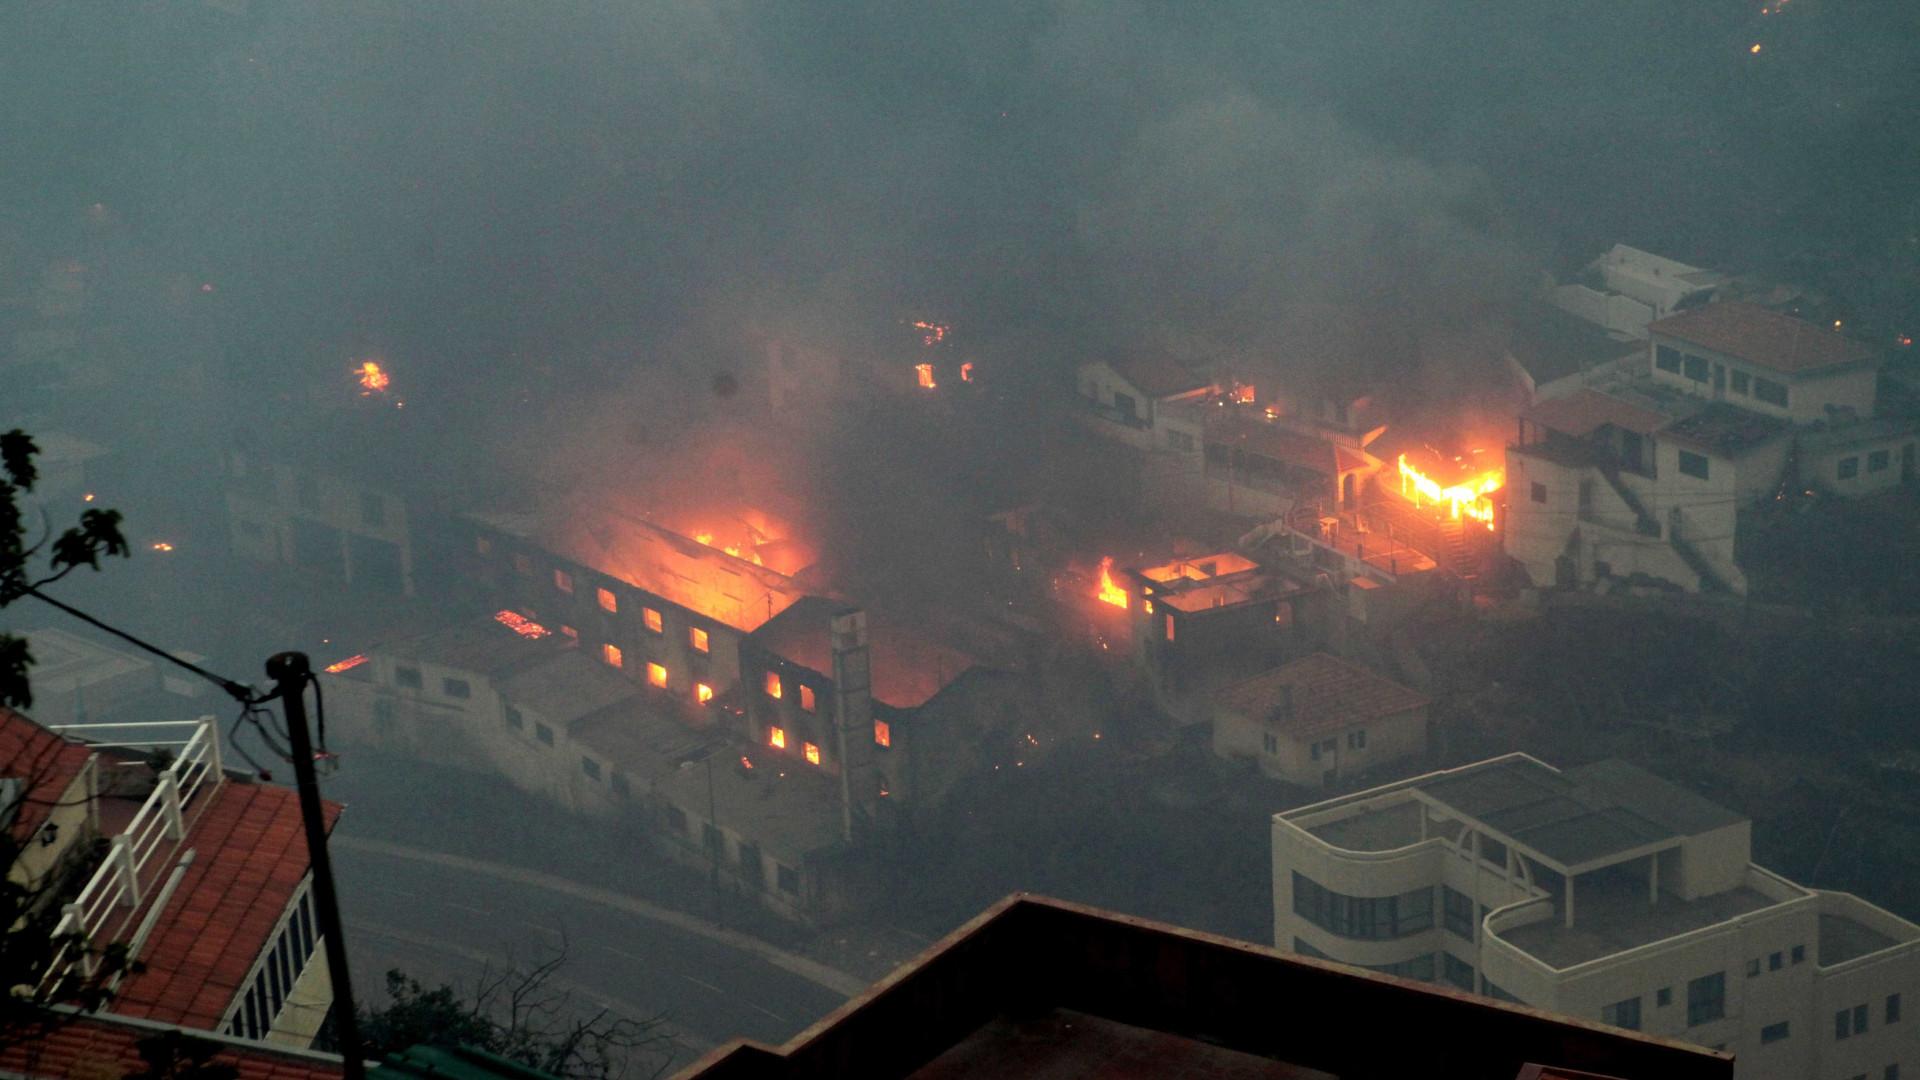 Prémio Heróis PME, o 'novo apoio' às empresas afetadas pelos incêndios